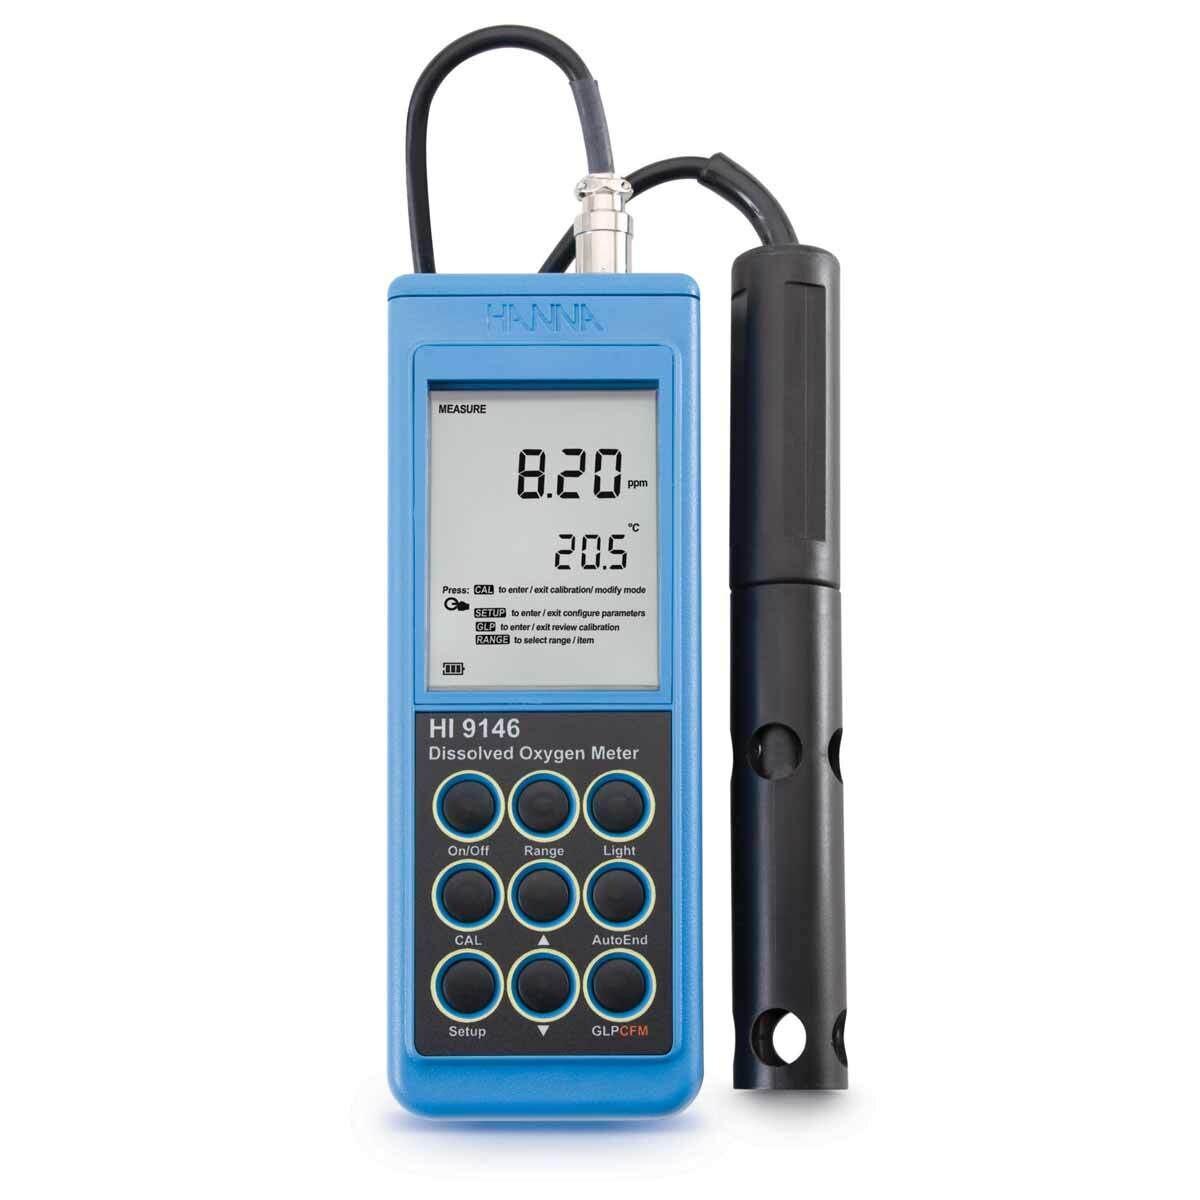 เครื่องวัดก๊าซออกซิเจน โดยบริษัท pico instrument